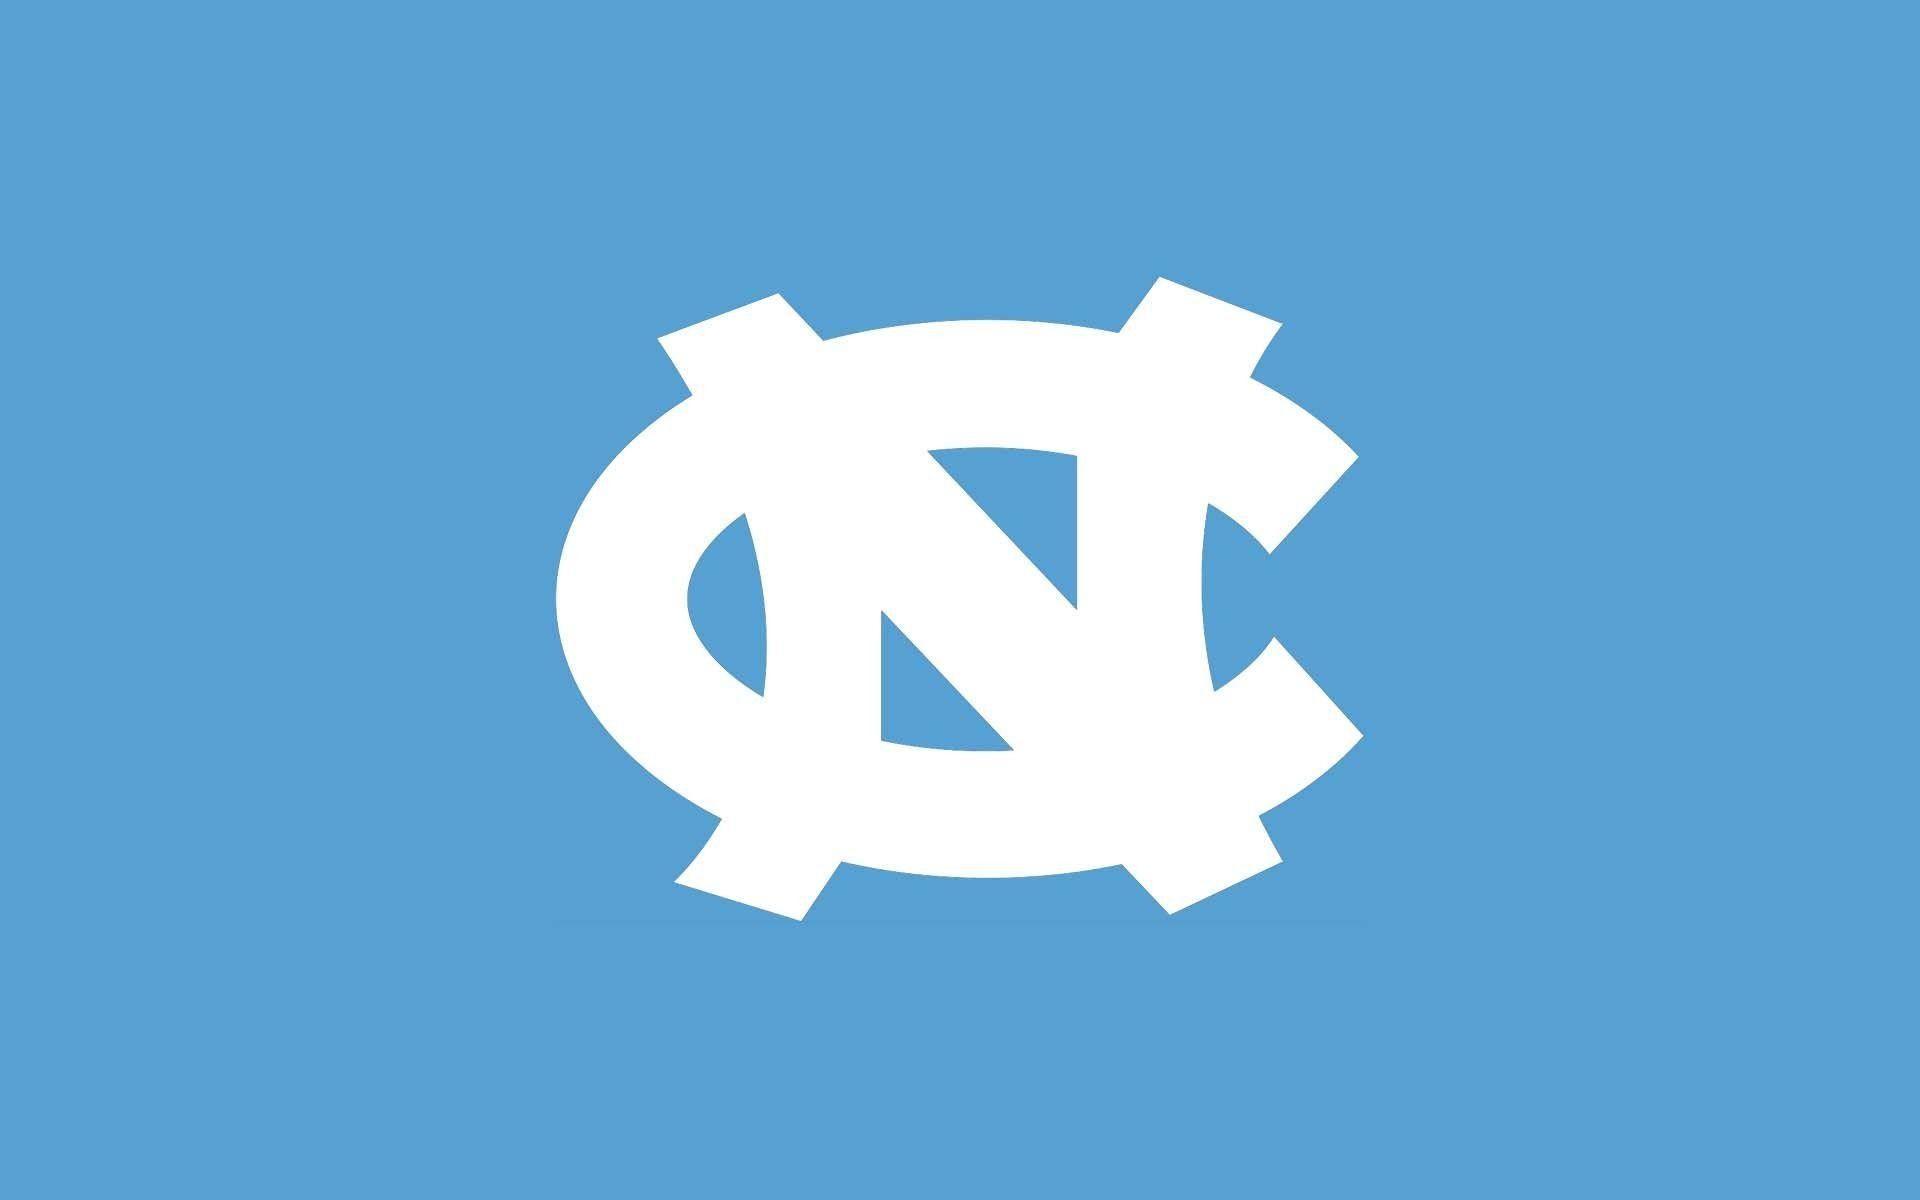 North Carolina Wallpapers - Top Free